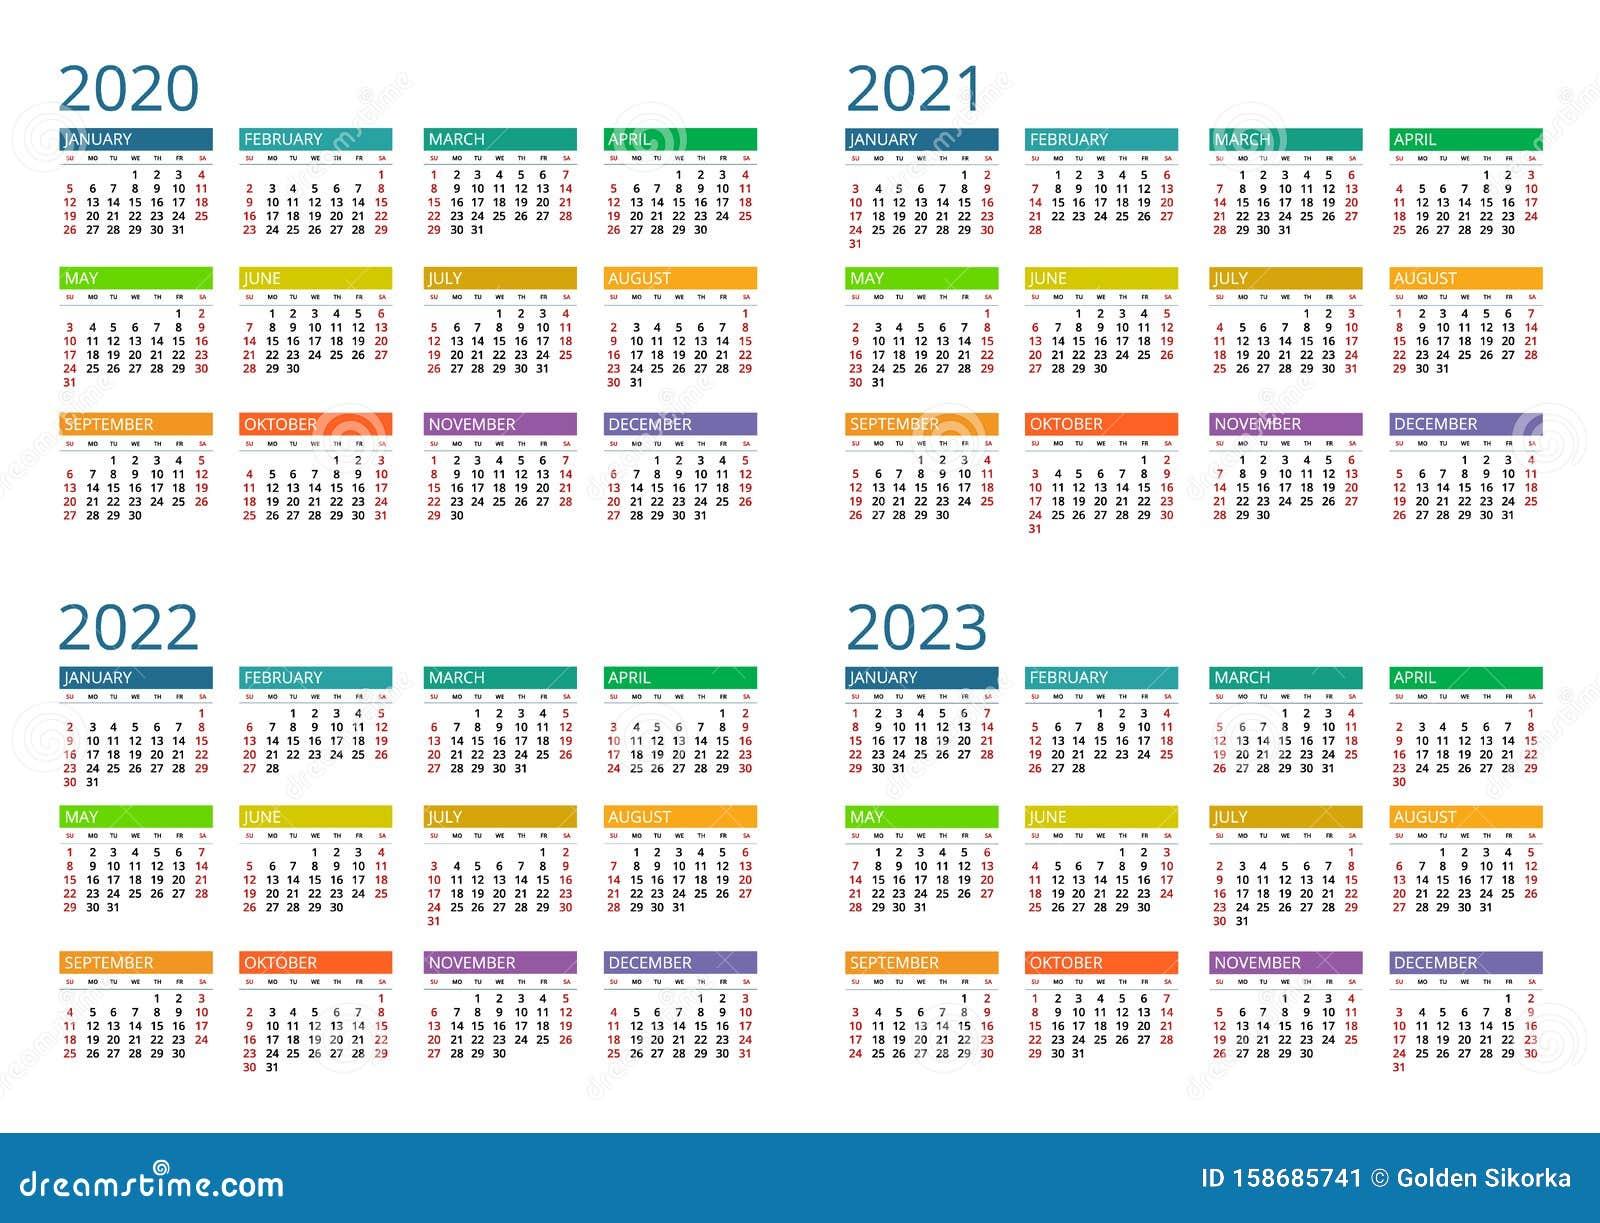 Calendrier à Imprimer 2022 2023 Calendrier 2020, 2021, 2022 Et 2023 Imprimer Le Modèle Semaine